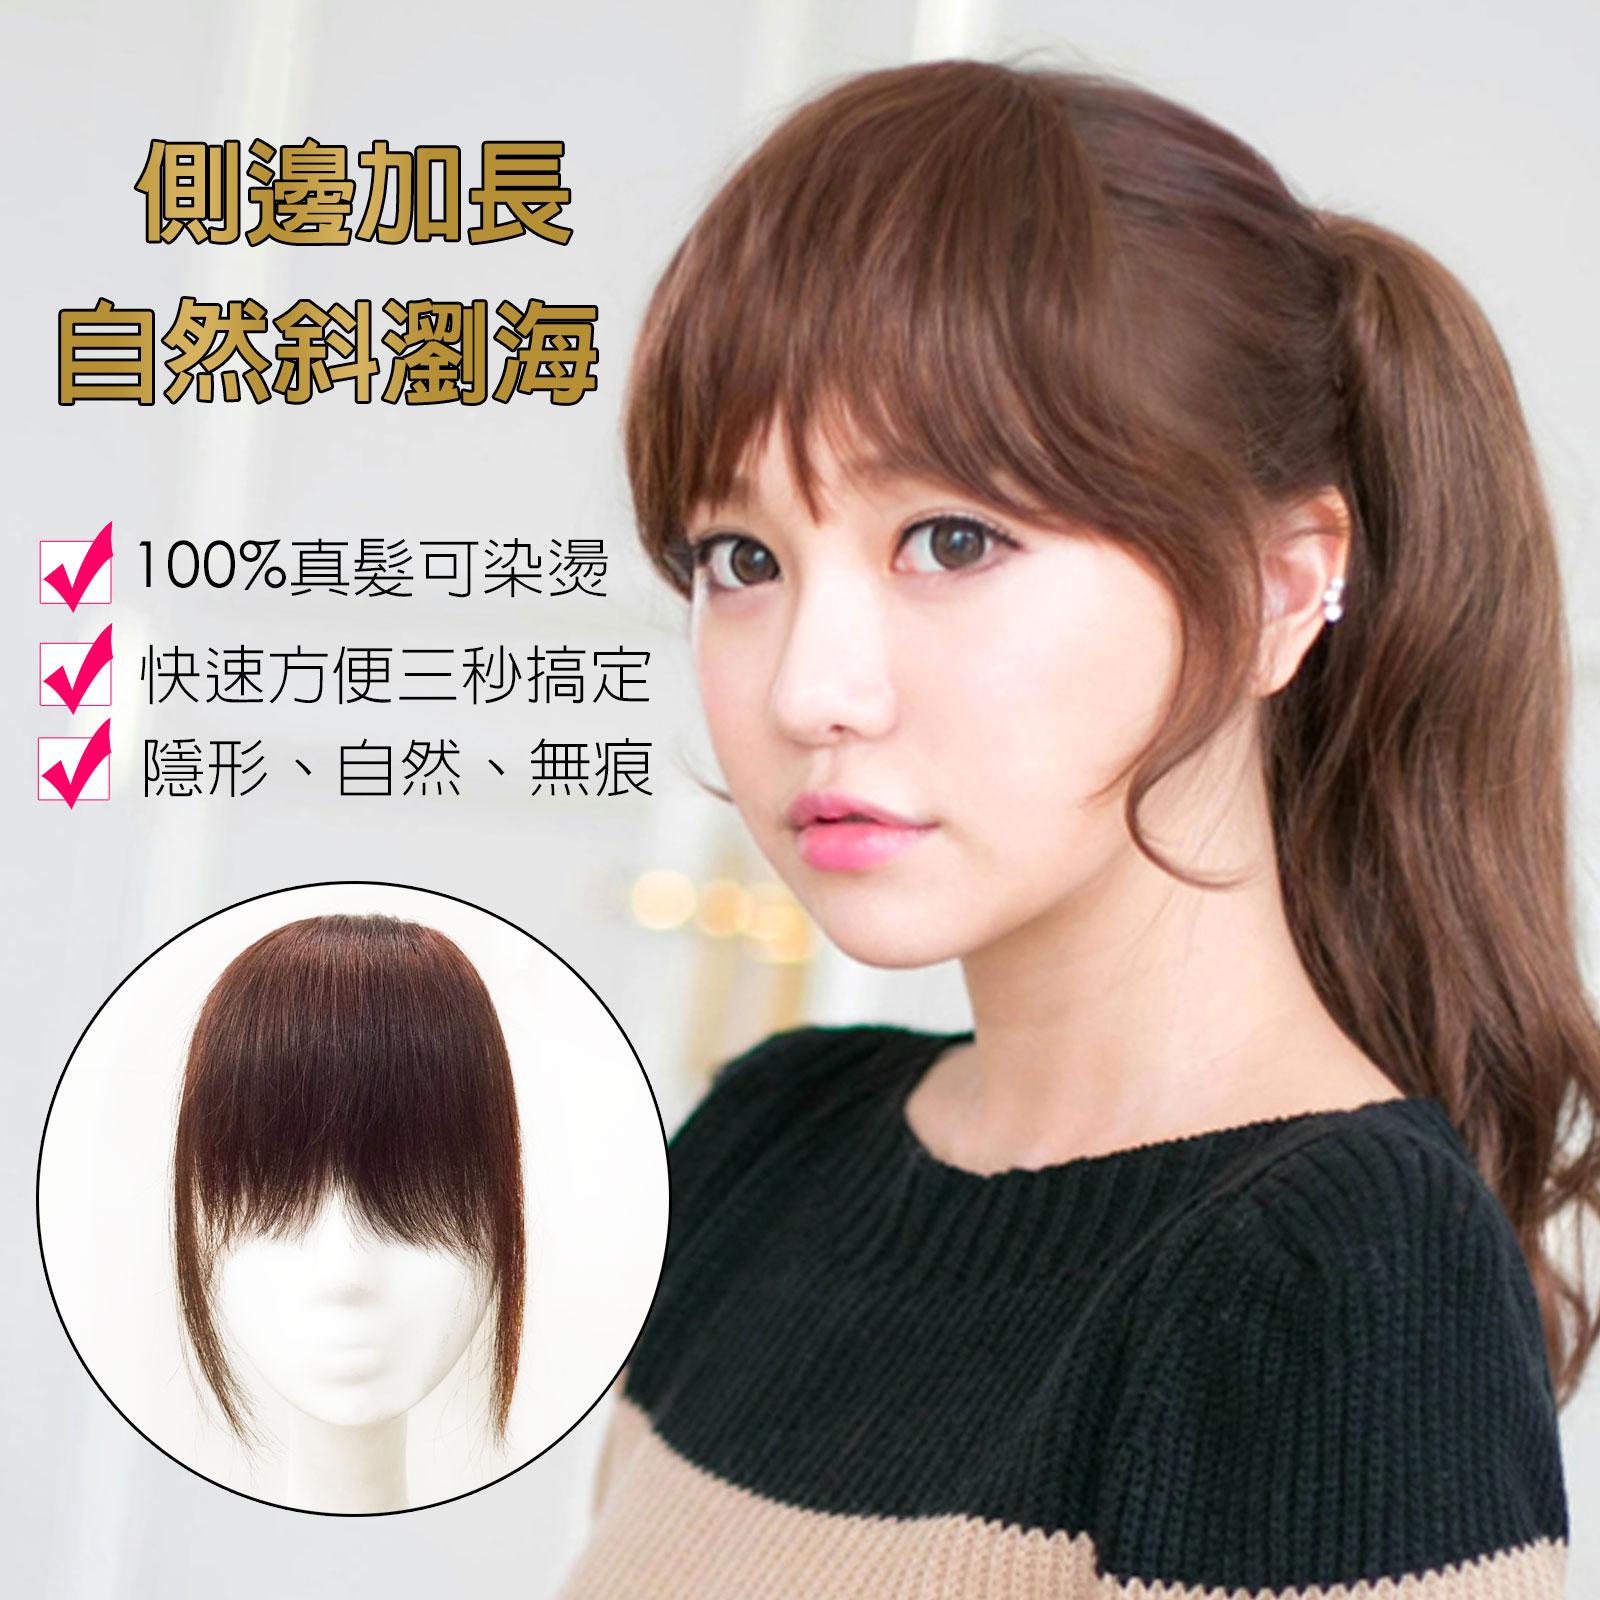 真髮。超薄隱形邊 自然斜瀏海髮片 減齡造型 100%真髮【RT30】☆雙兒網☆